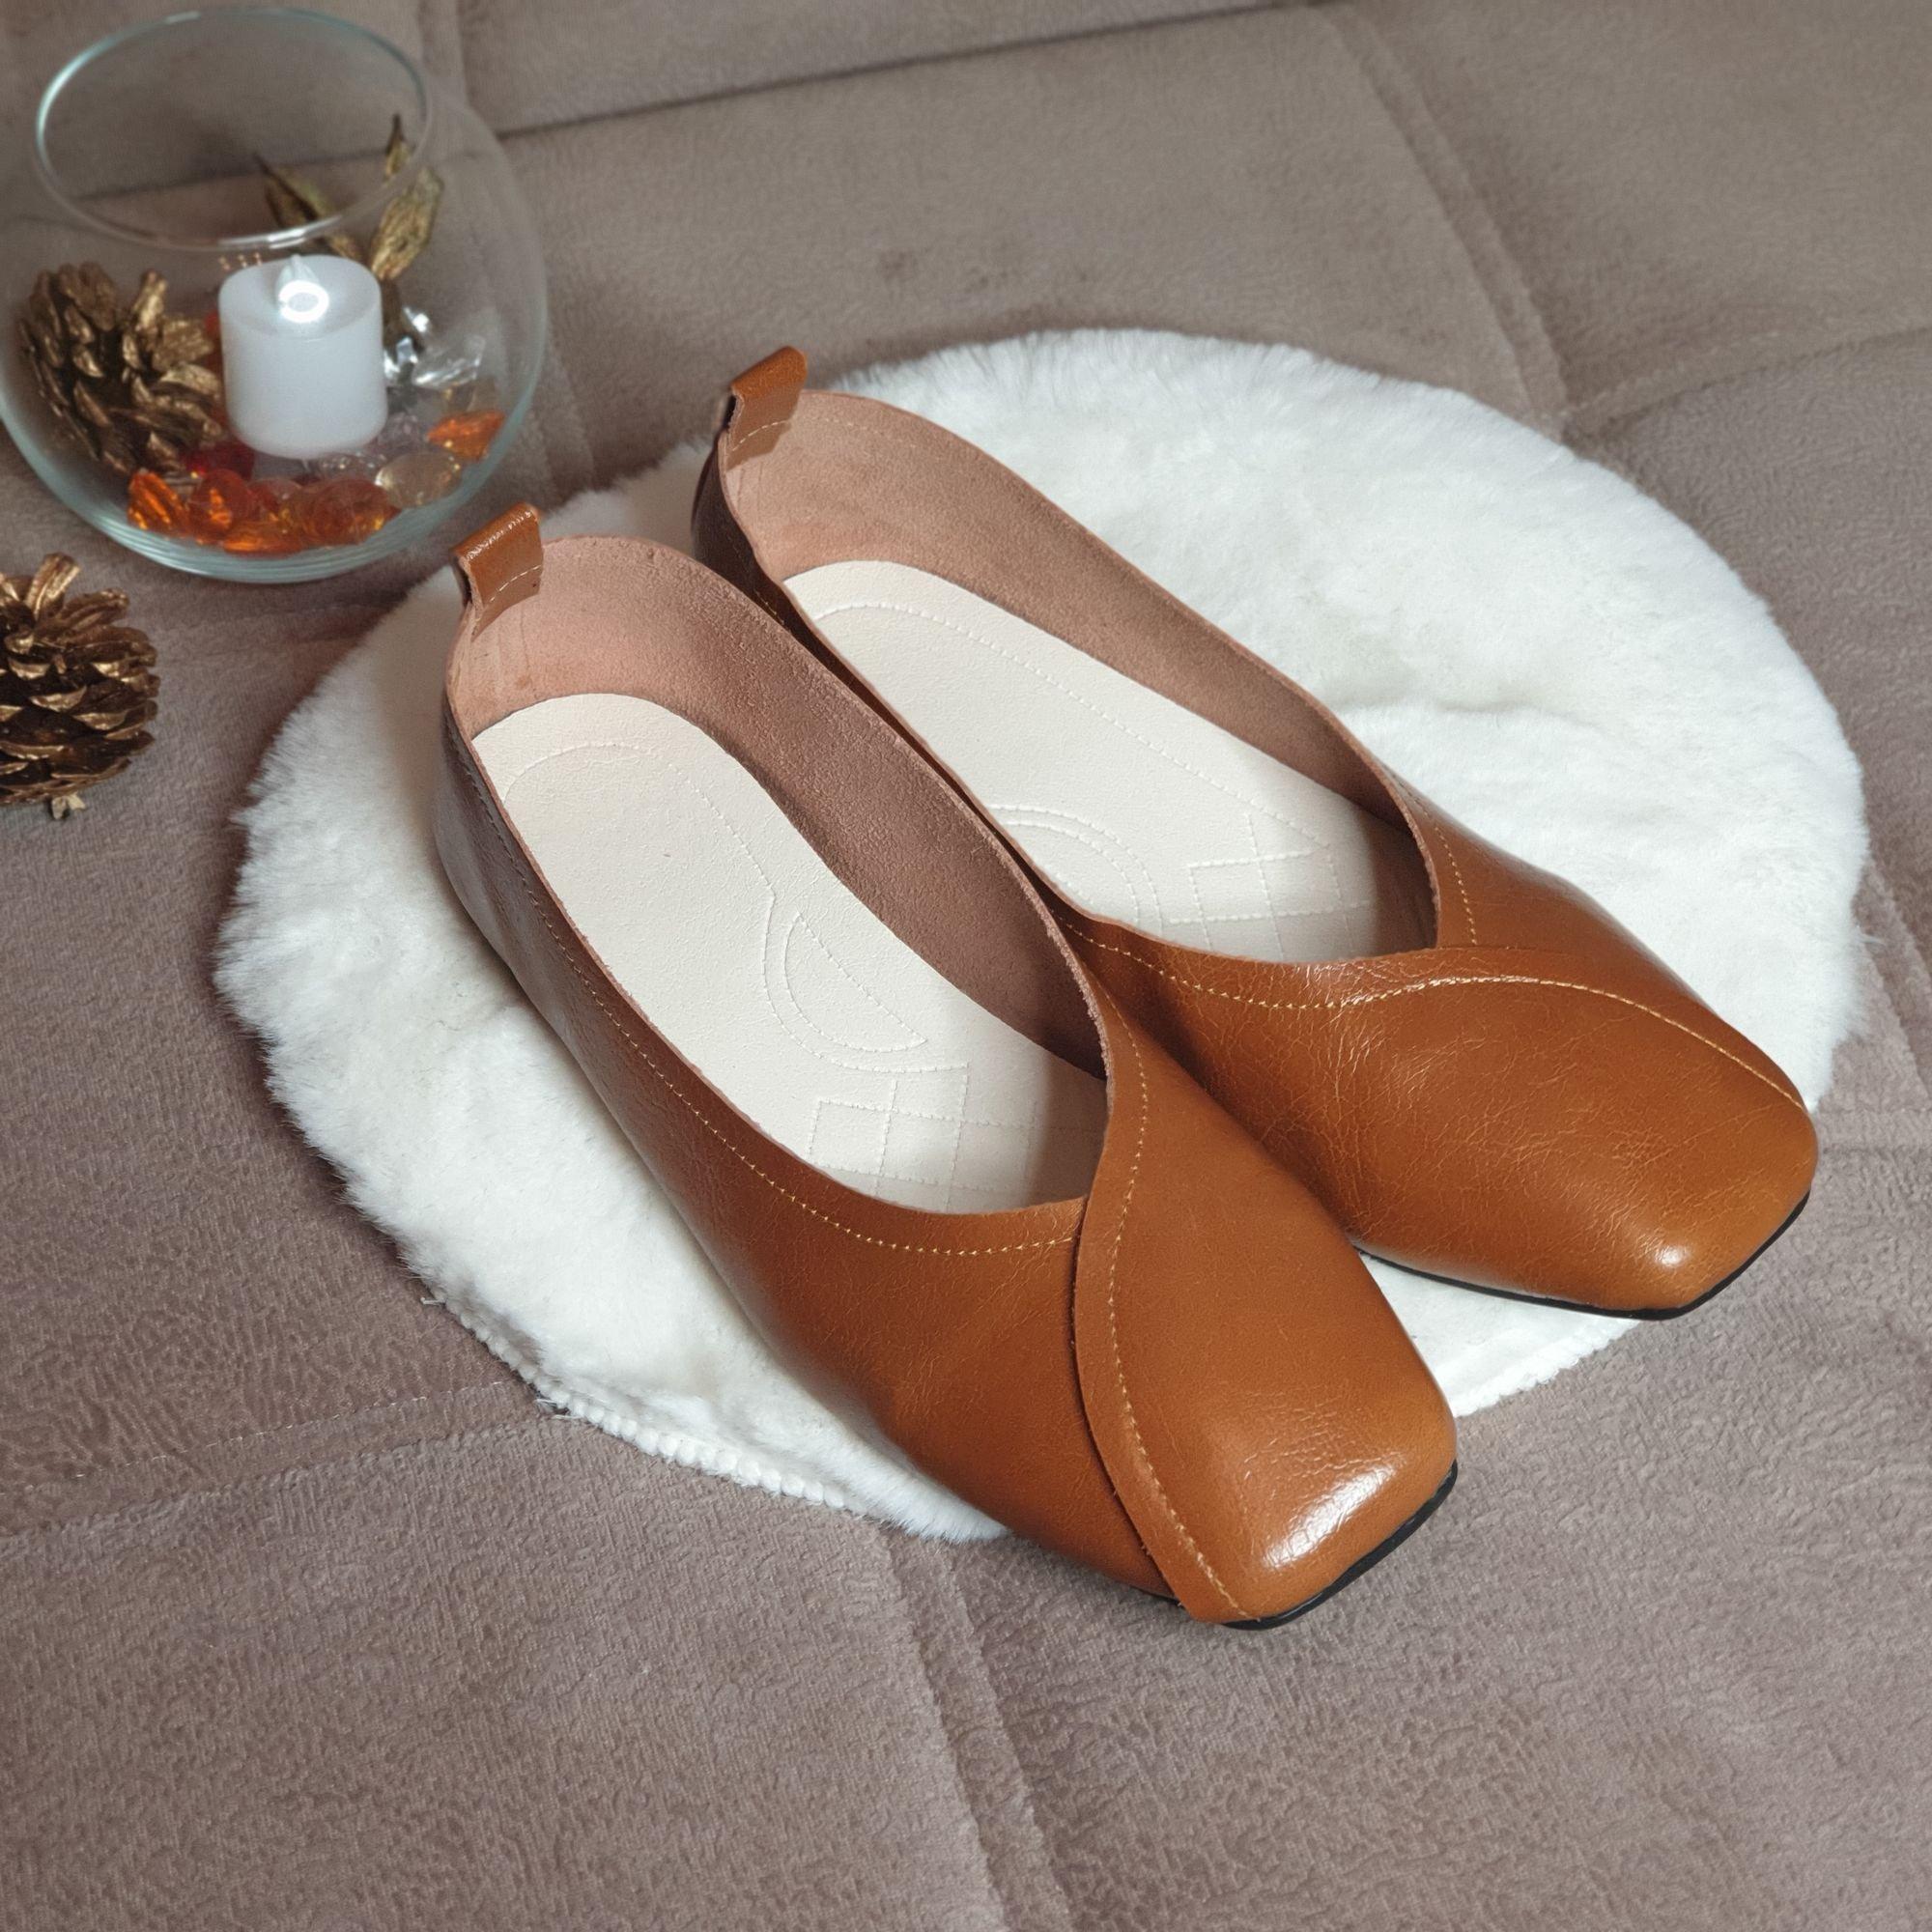 Отличные кожаные туфли на каждый день: распаковка и примерка. - отзывы